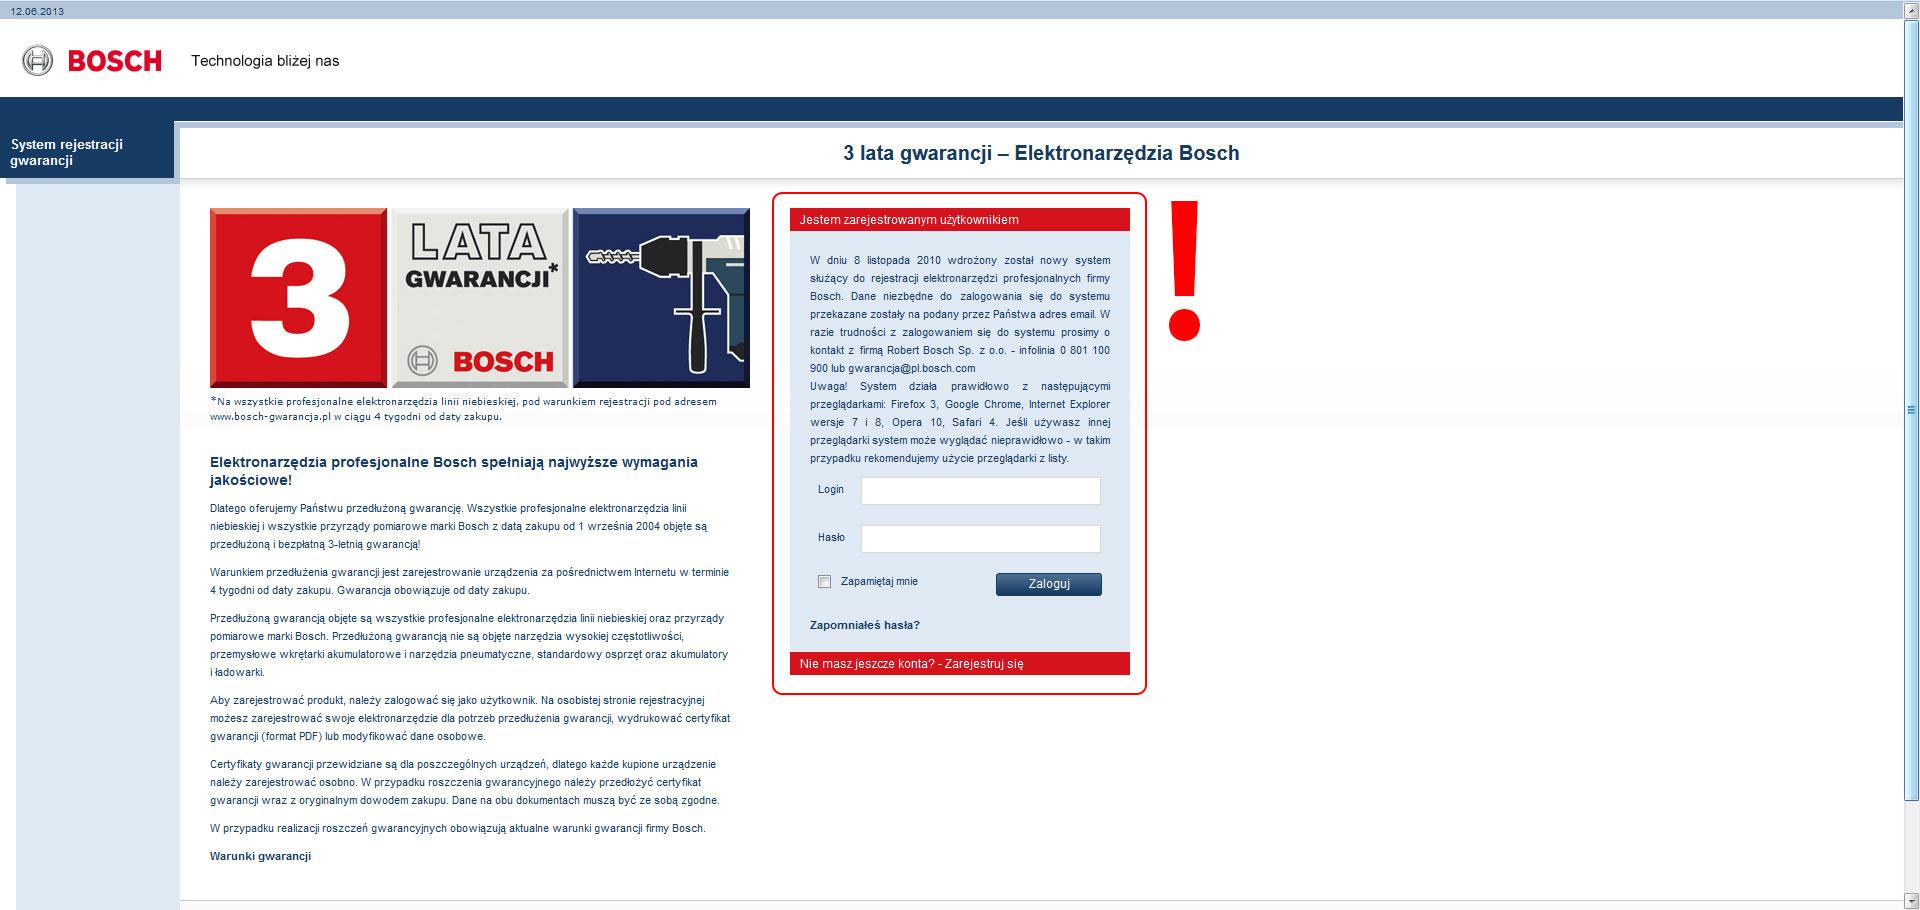 Przedłużona gwarancja Bosch